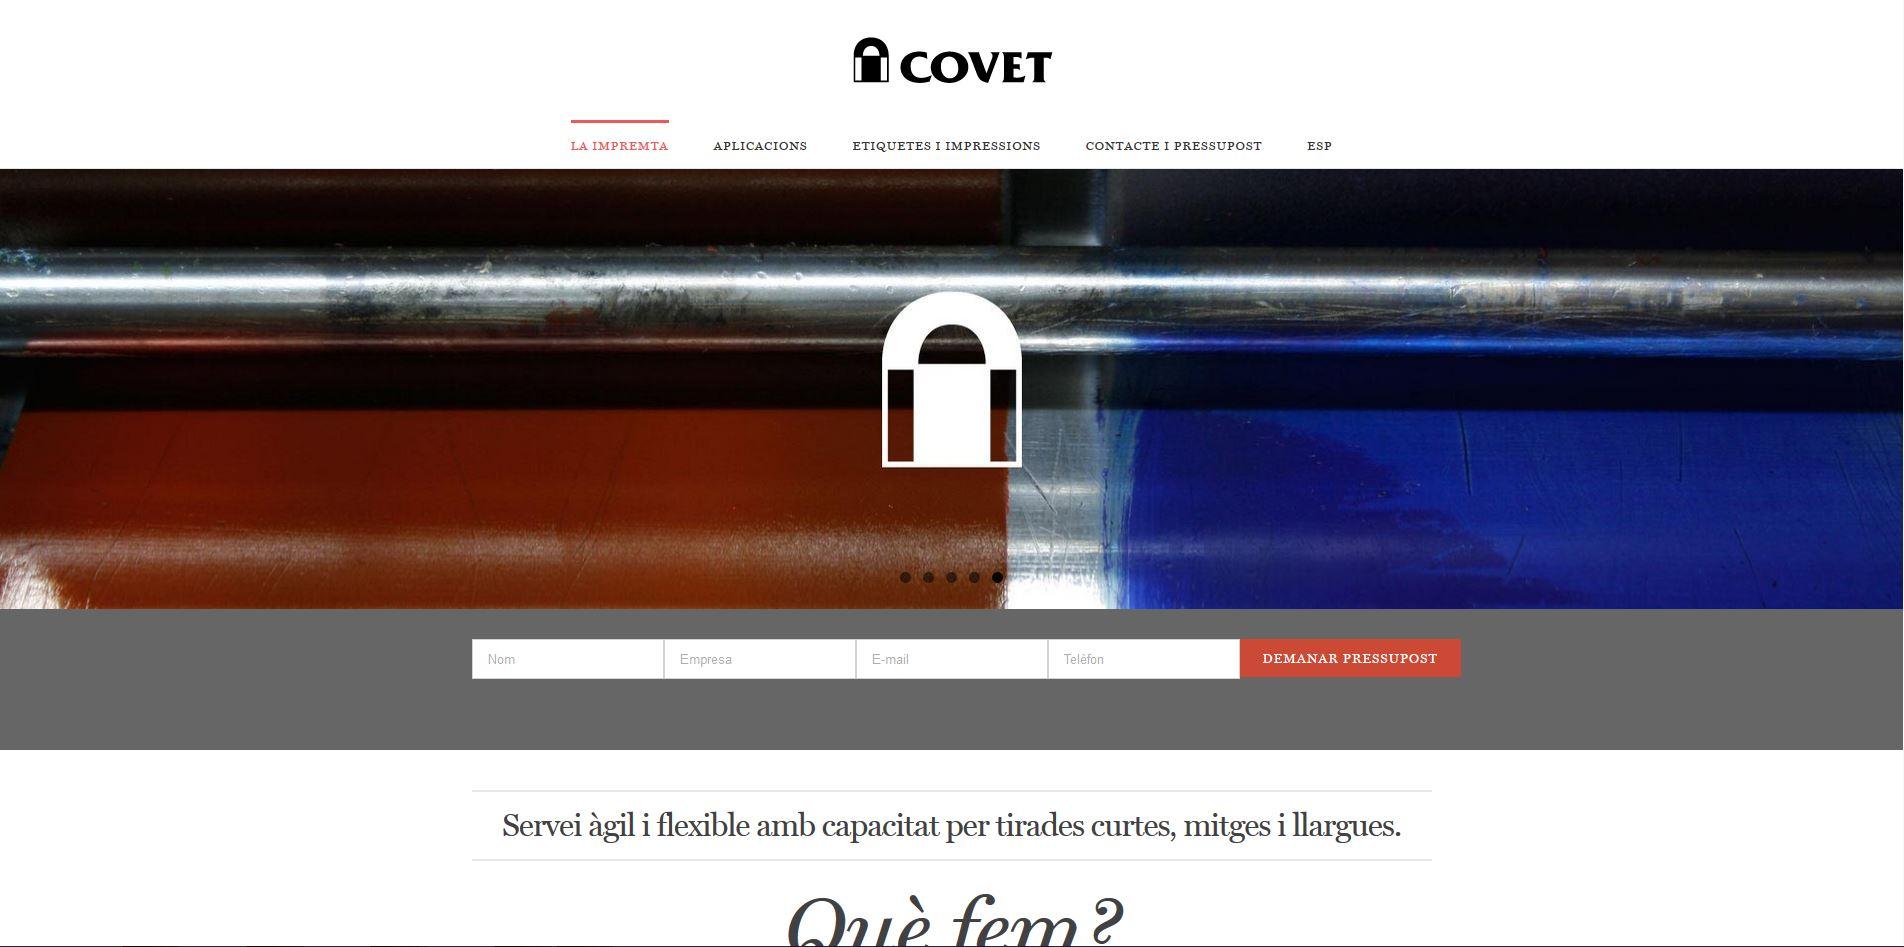 www.etiquetes.com